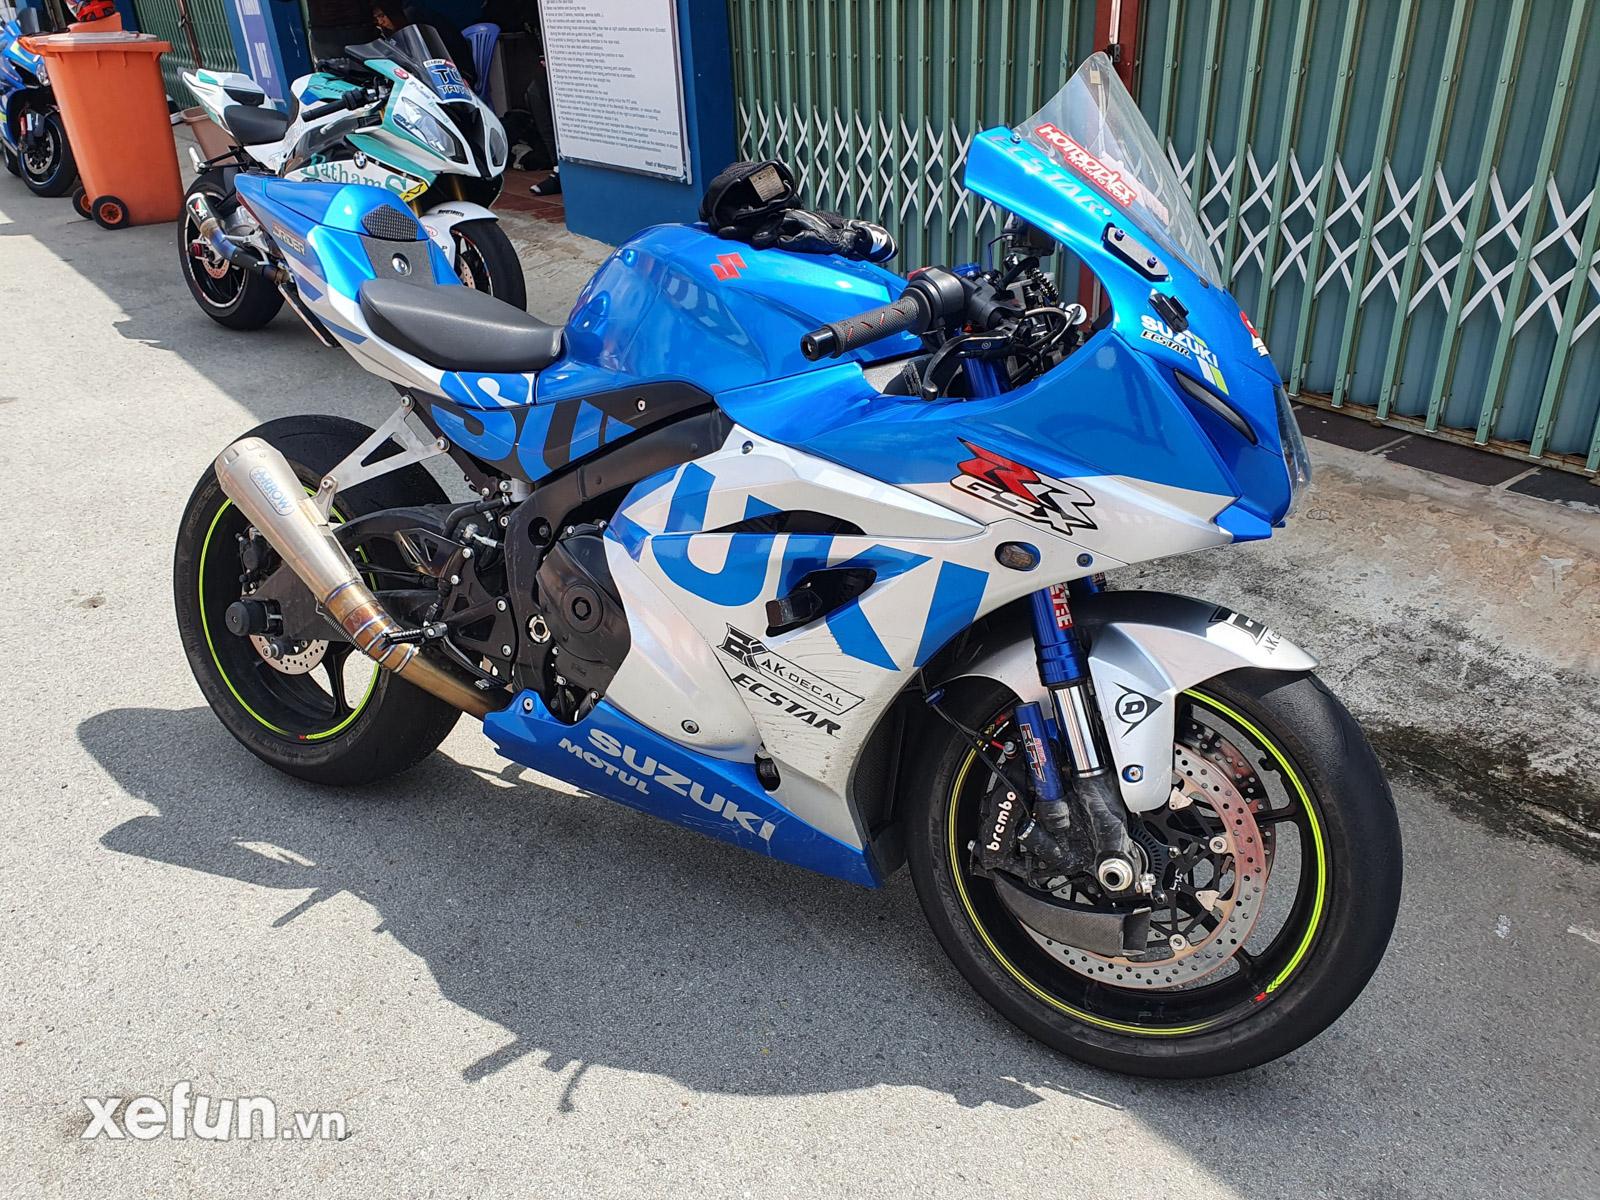 Suzuki GSX-R1000 phá kỷ lục vòng chạy nhanh nhất Việt Nam của Kawasaki Ninja ZX10R